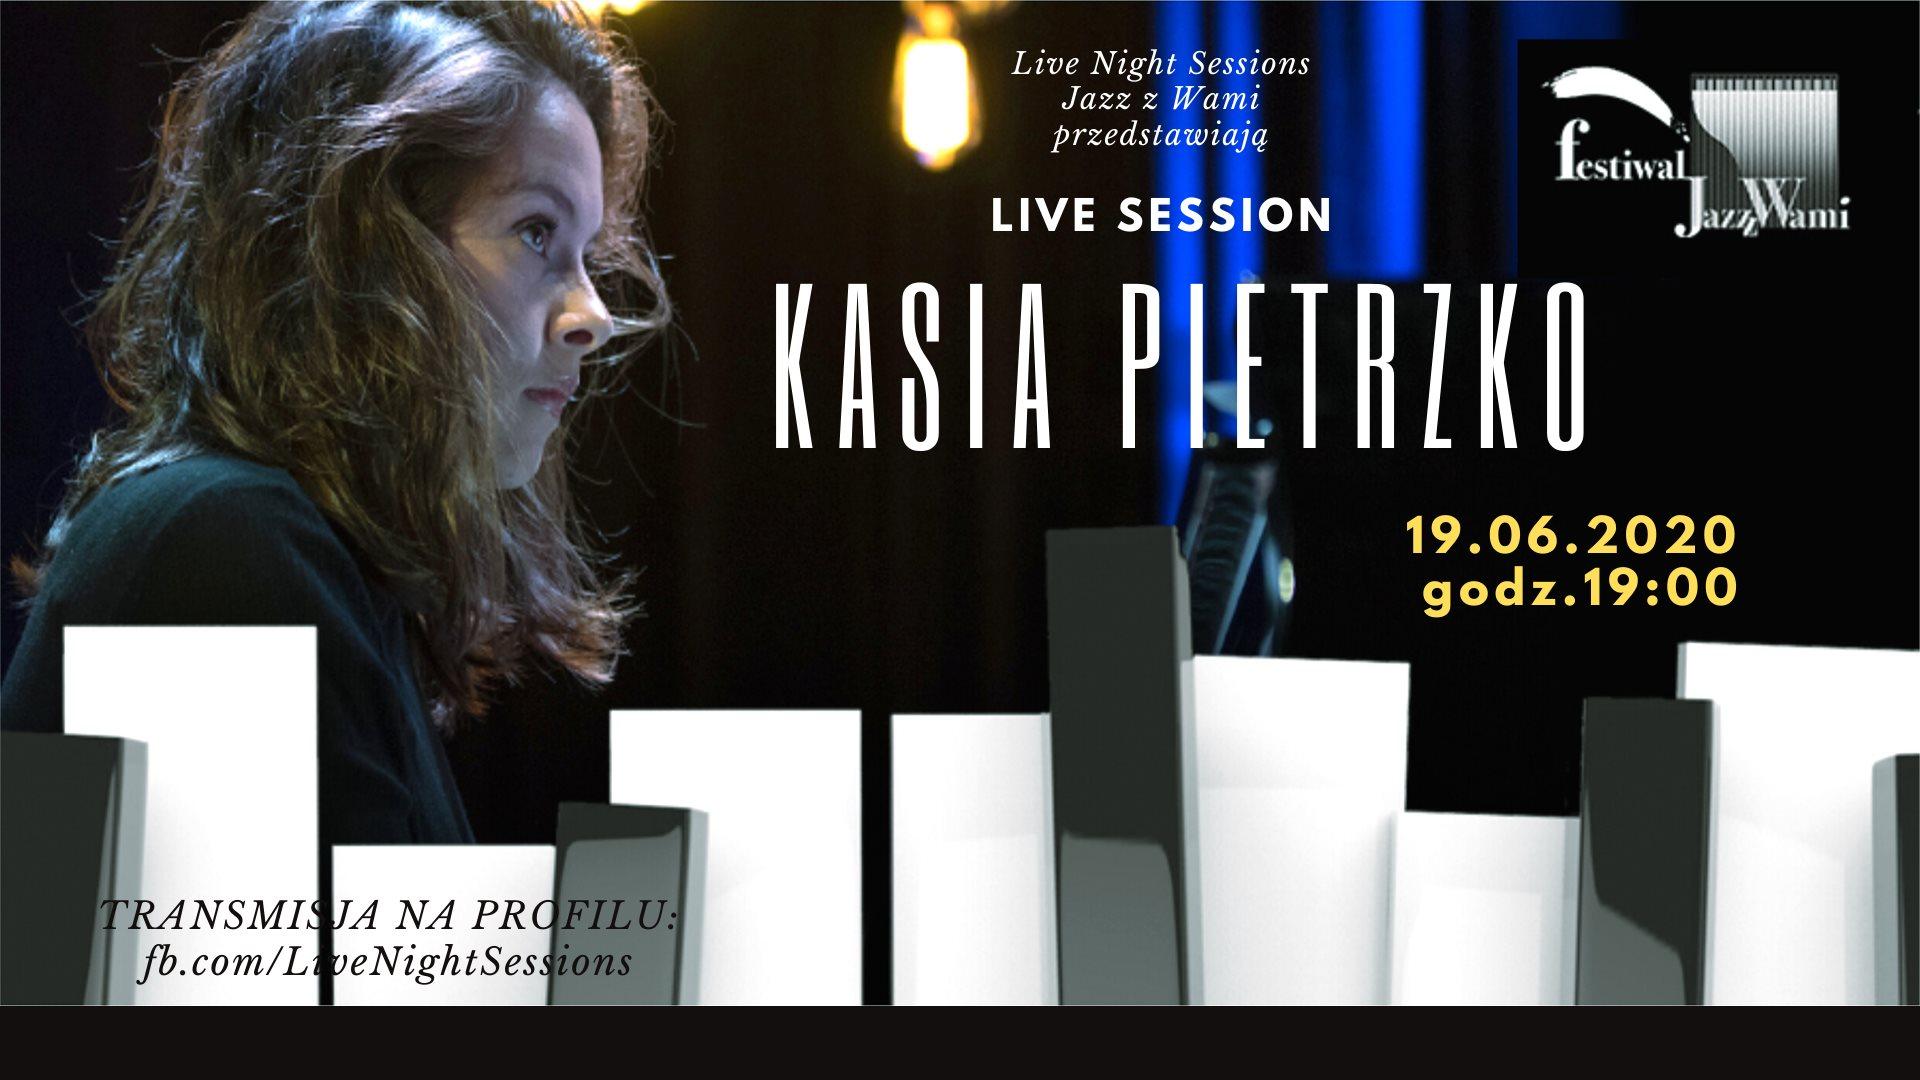 Live Stream #11 - Kasia Pietrzko